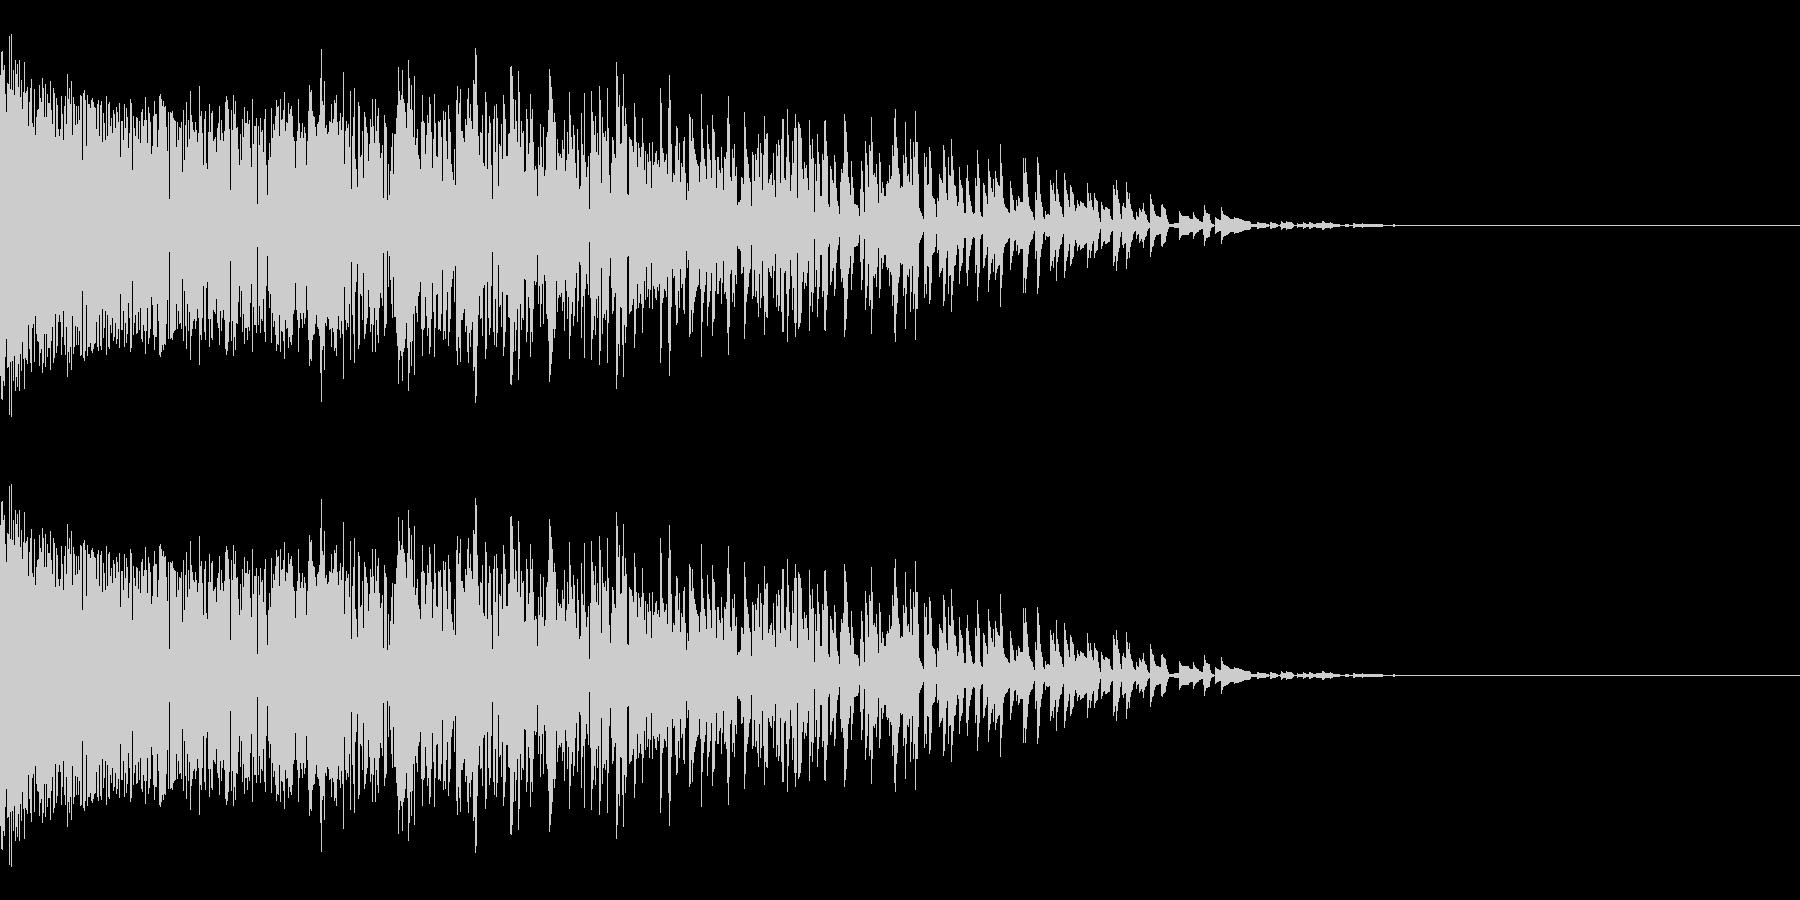 シャー(ノイズ/金属音/高音/衝撃の未再生の波形